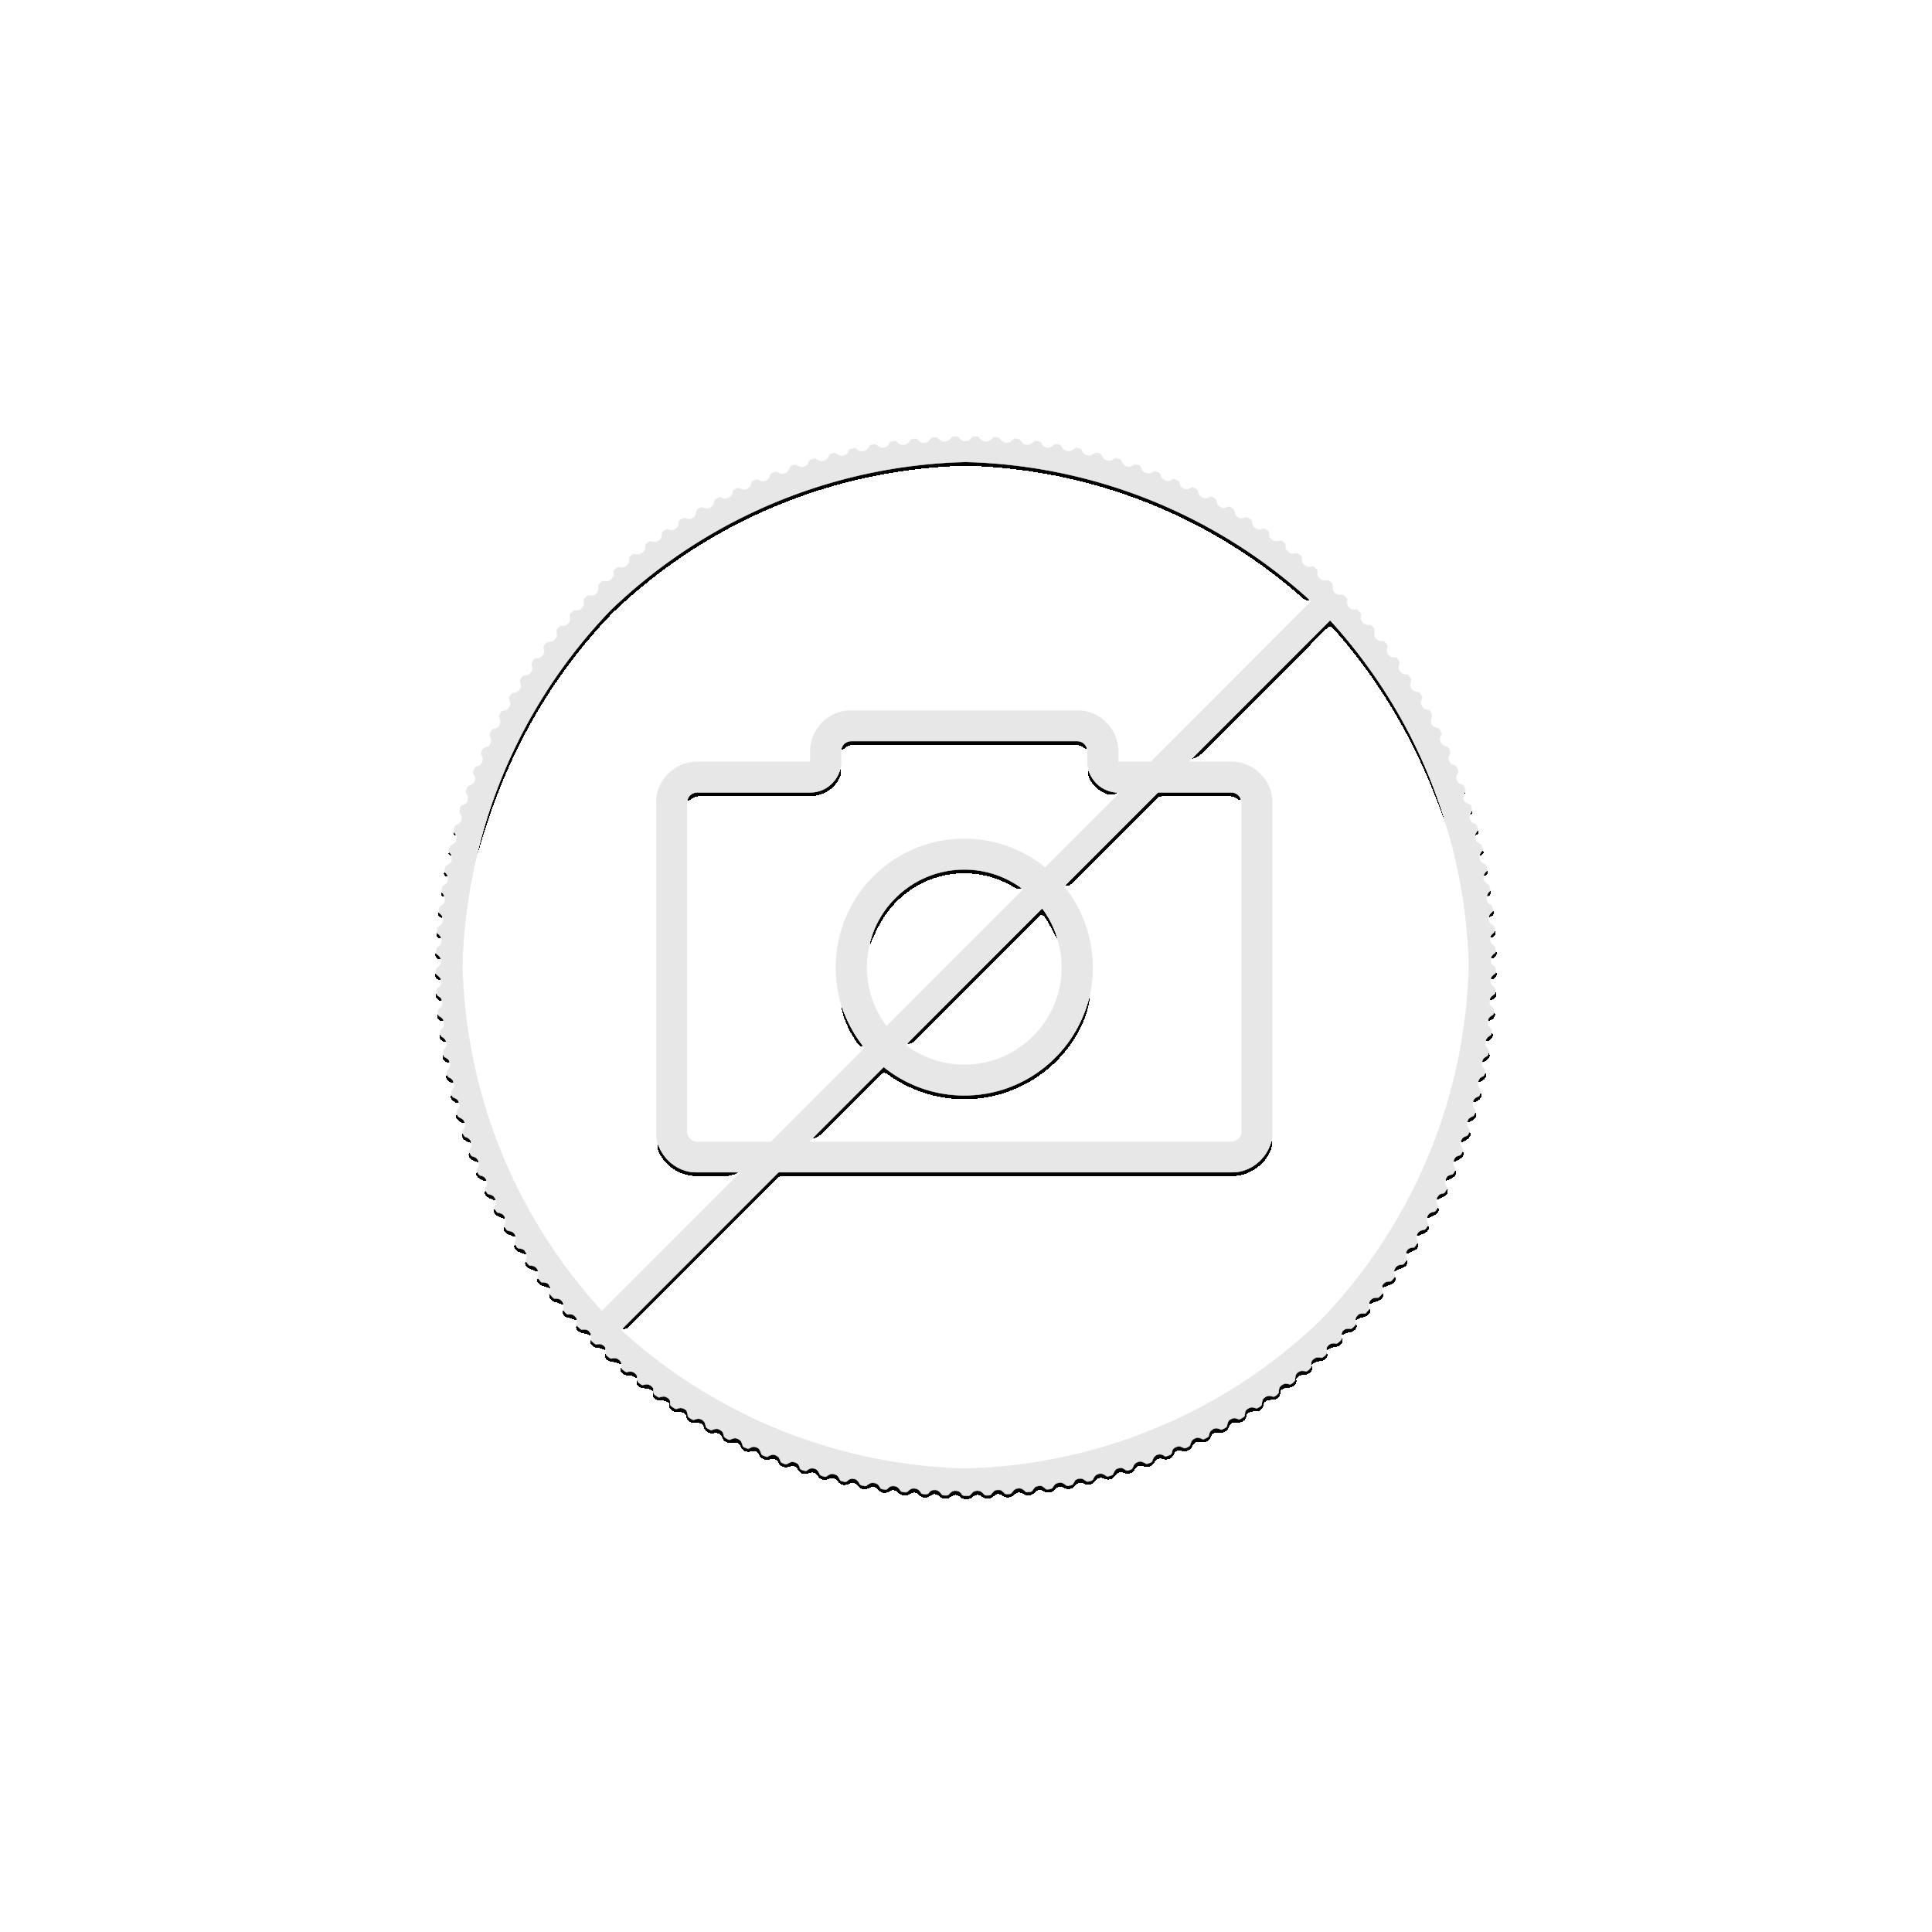 Koala kilo silver coin 2013